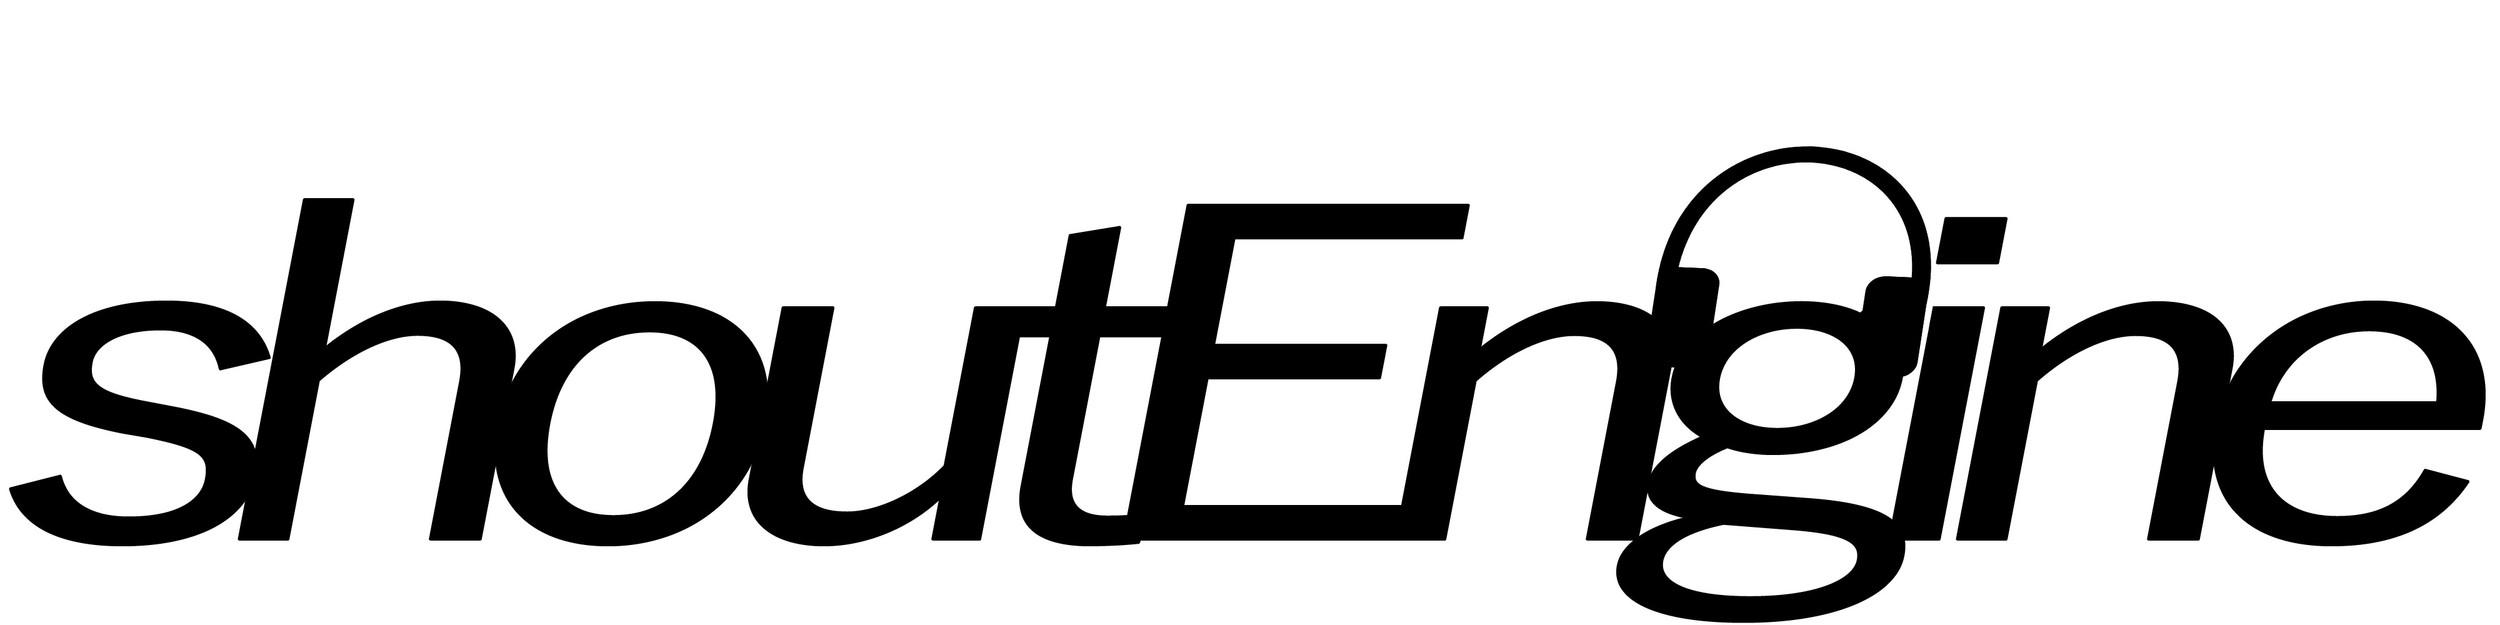 shoutengine logo 3.jpg